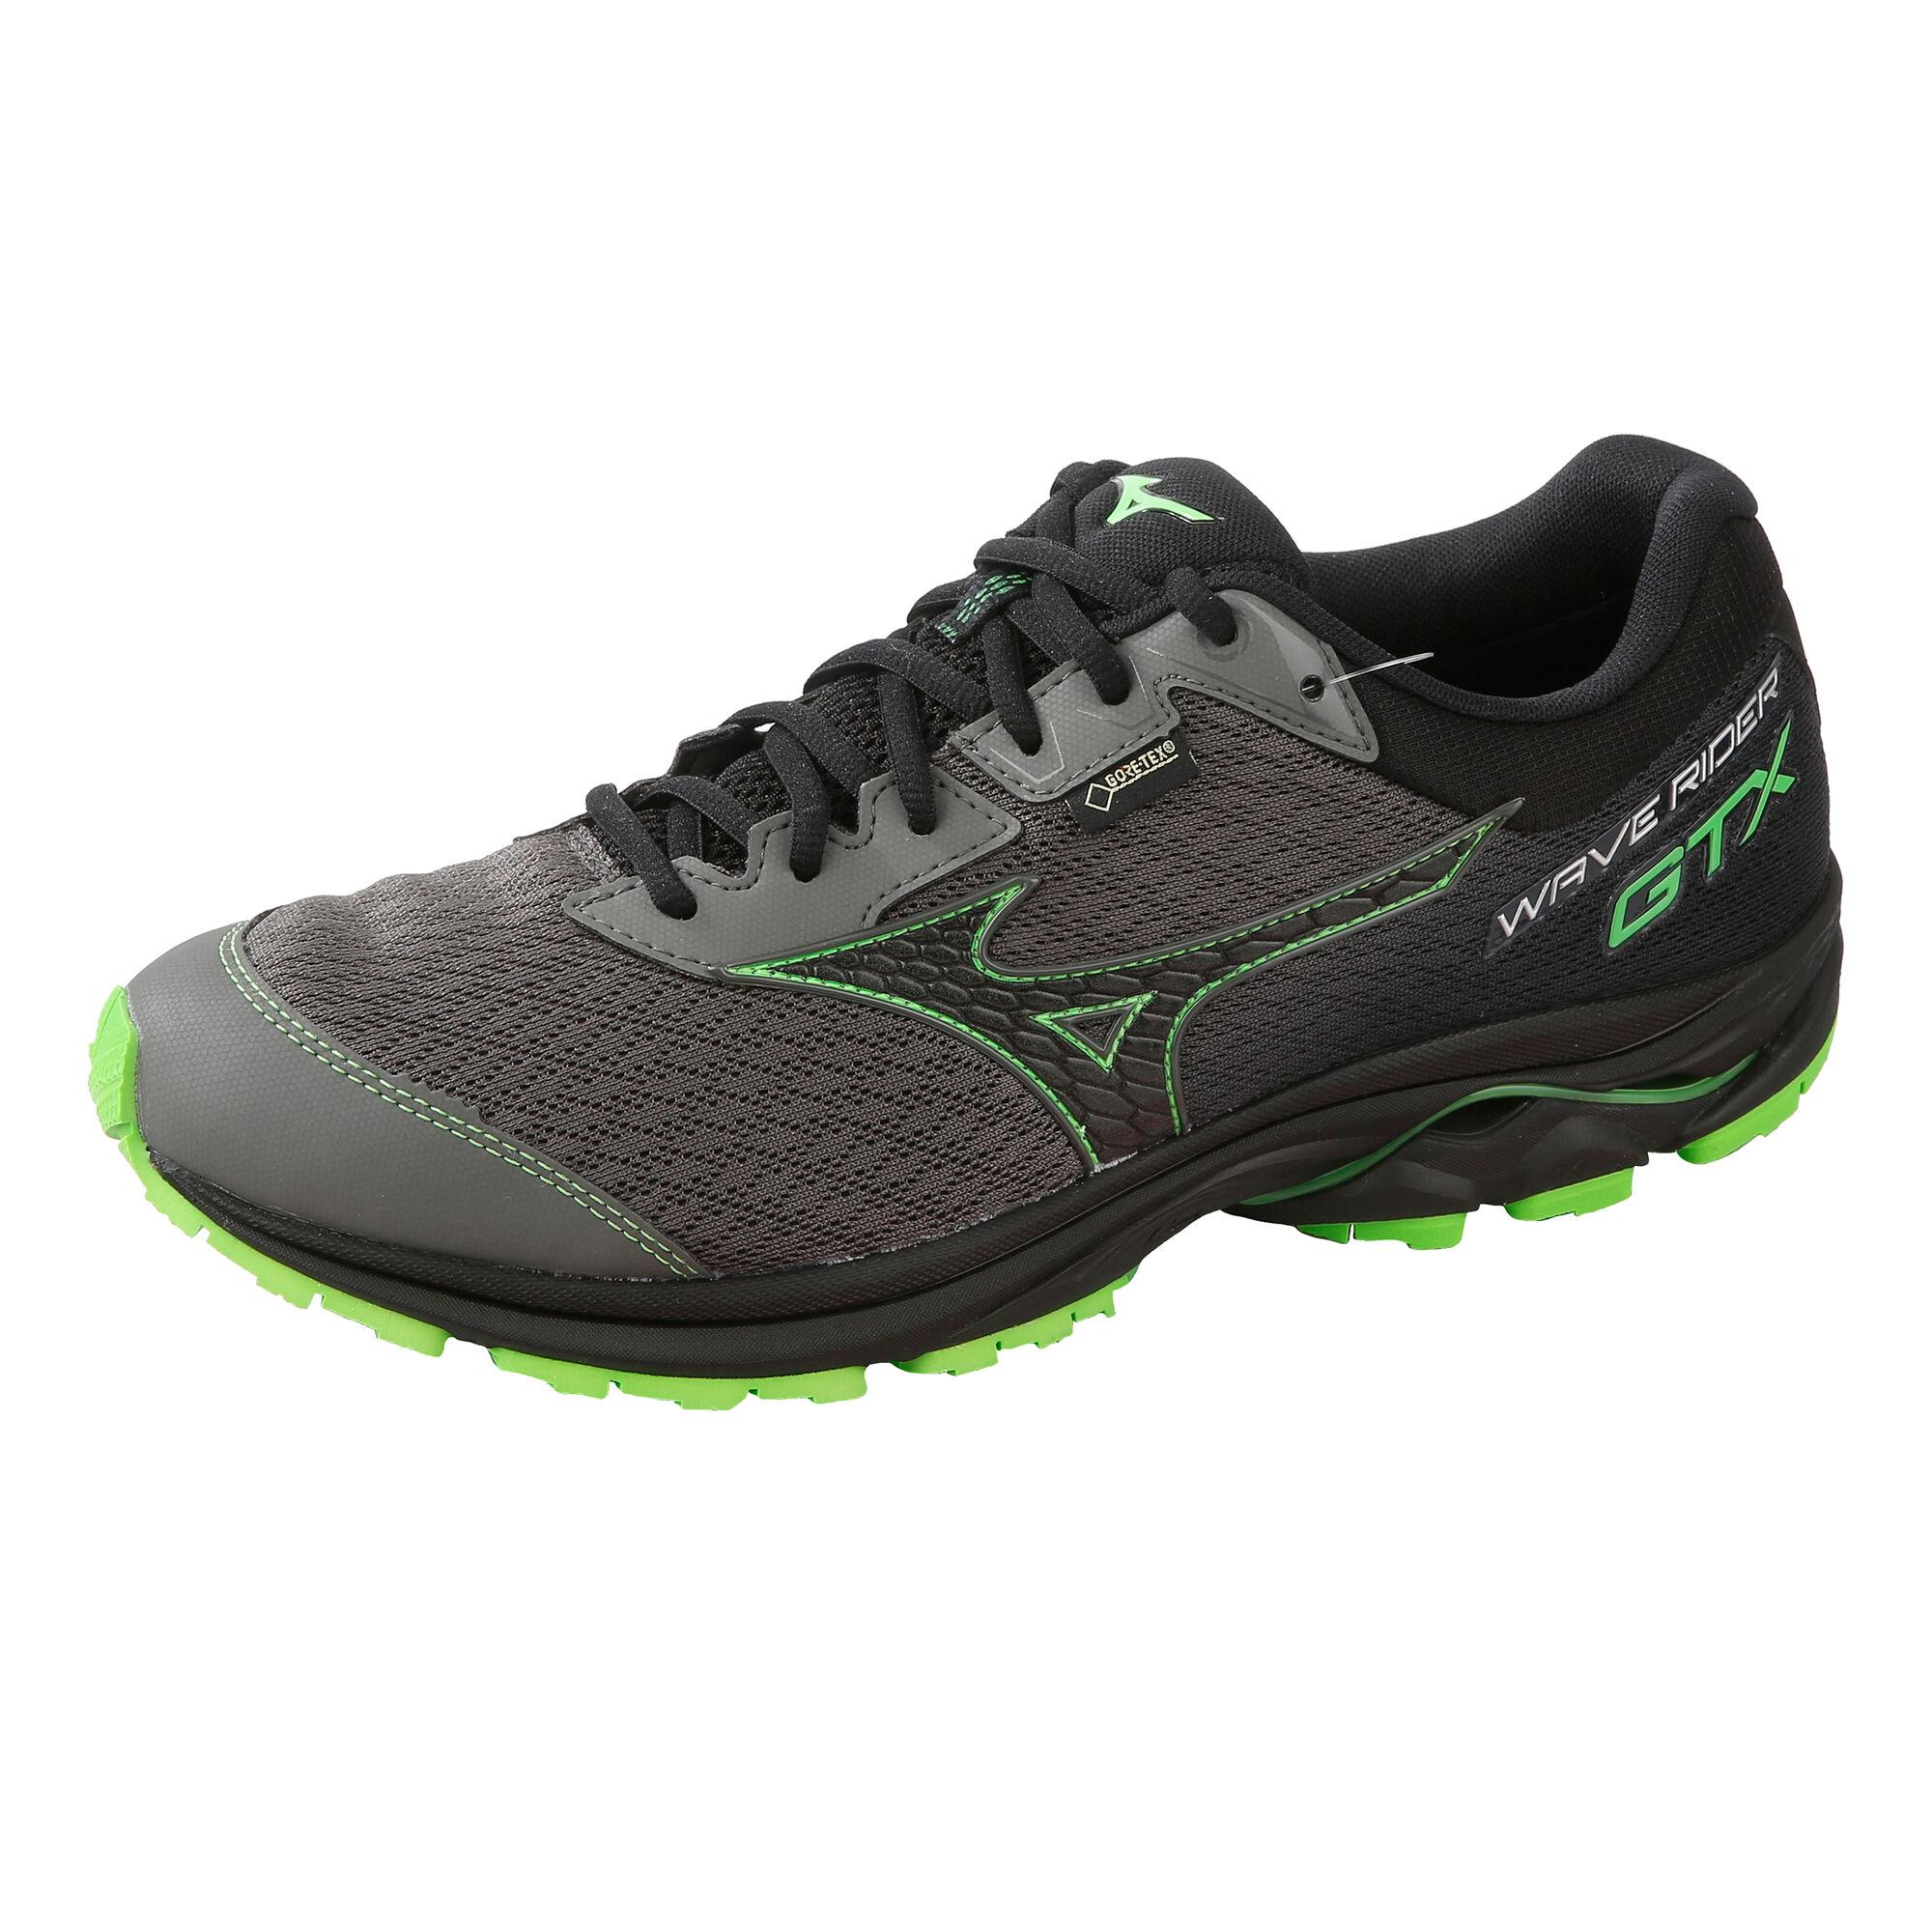 2f5adbc8704 Mizuno Wave Rider GTX Neutral Running Shoe Men - Black, Lime